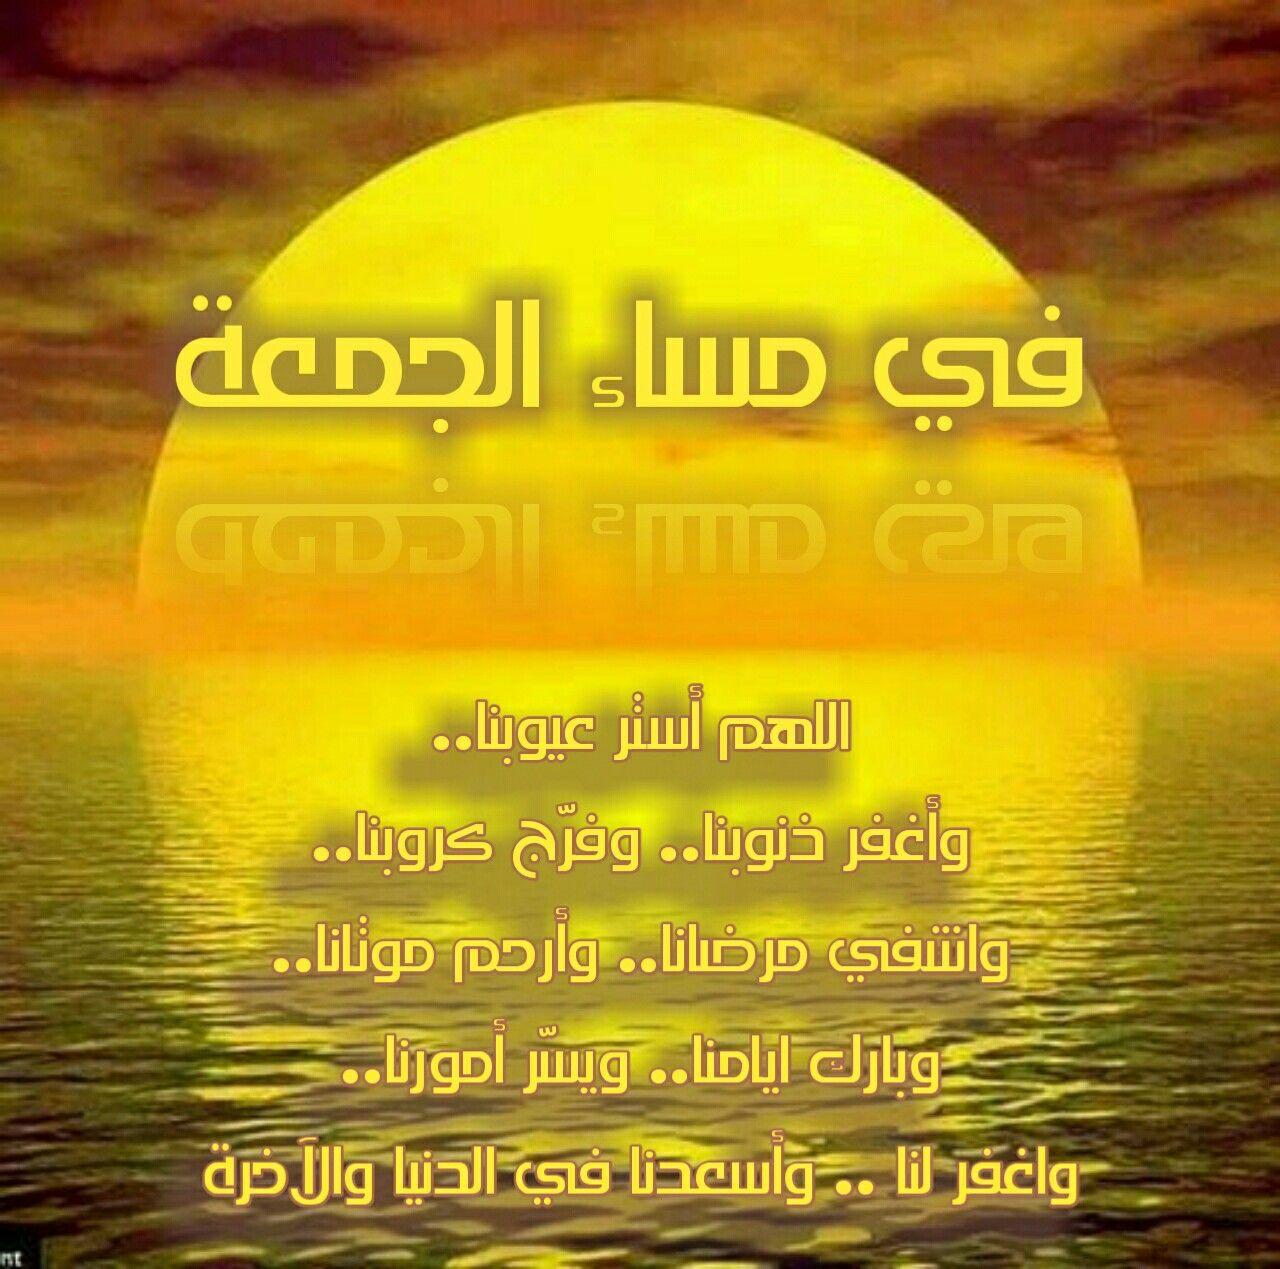 دعاء مساء الجمعة Islam Movie Posters Movies